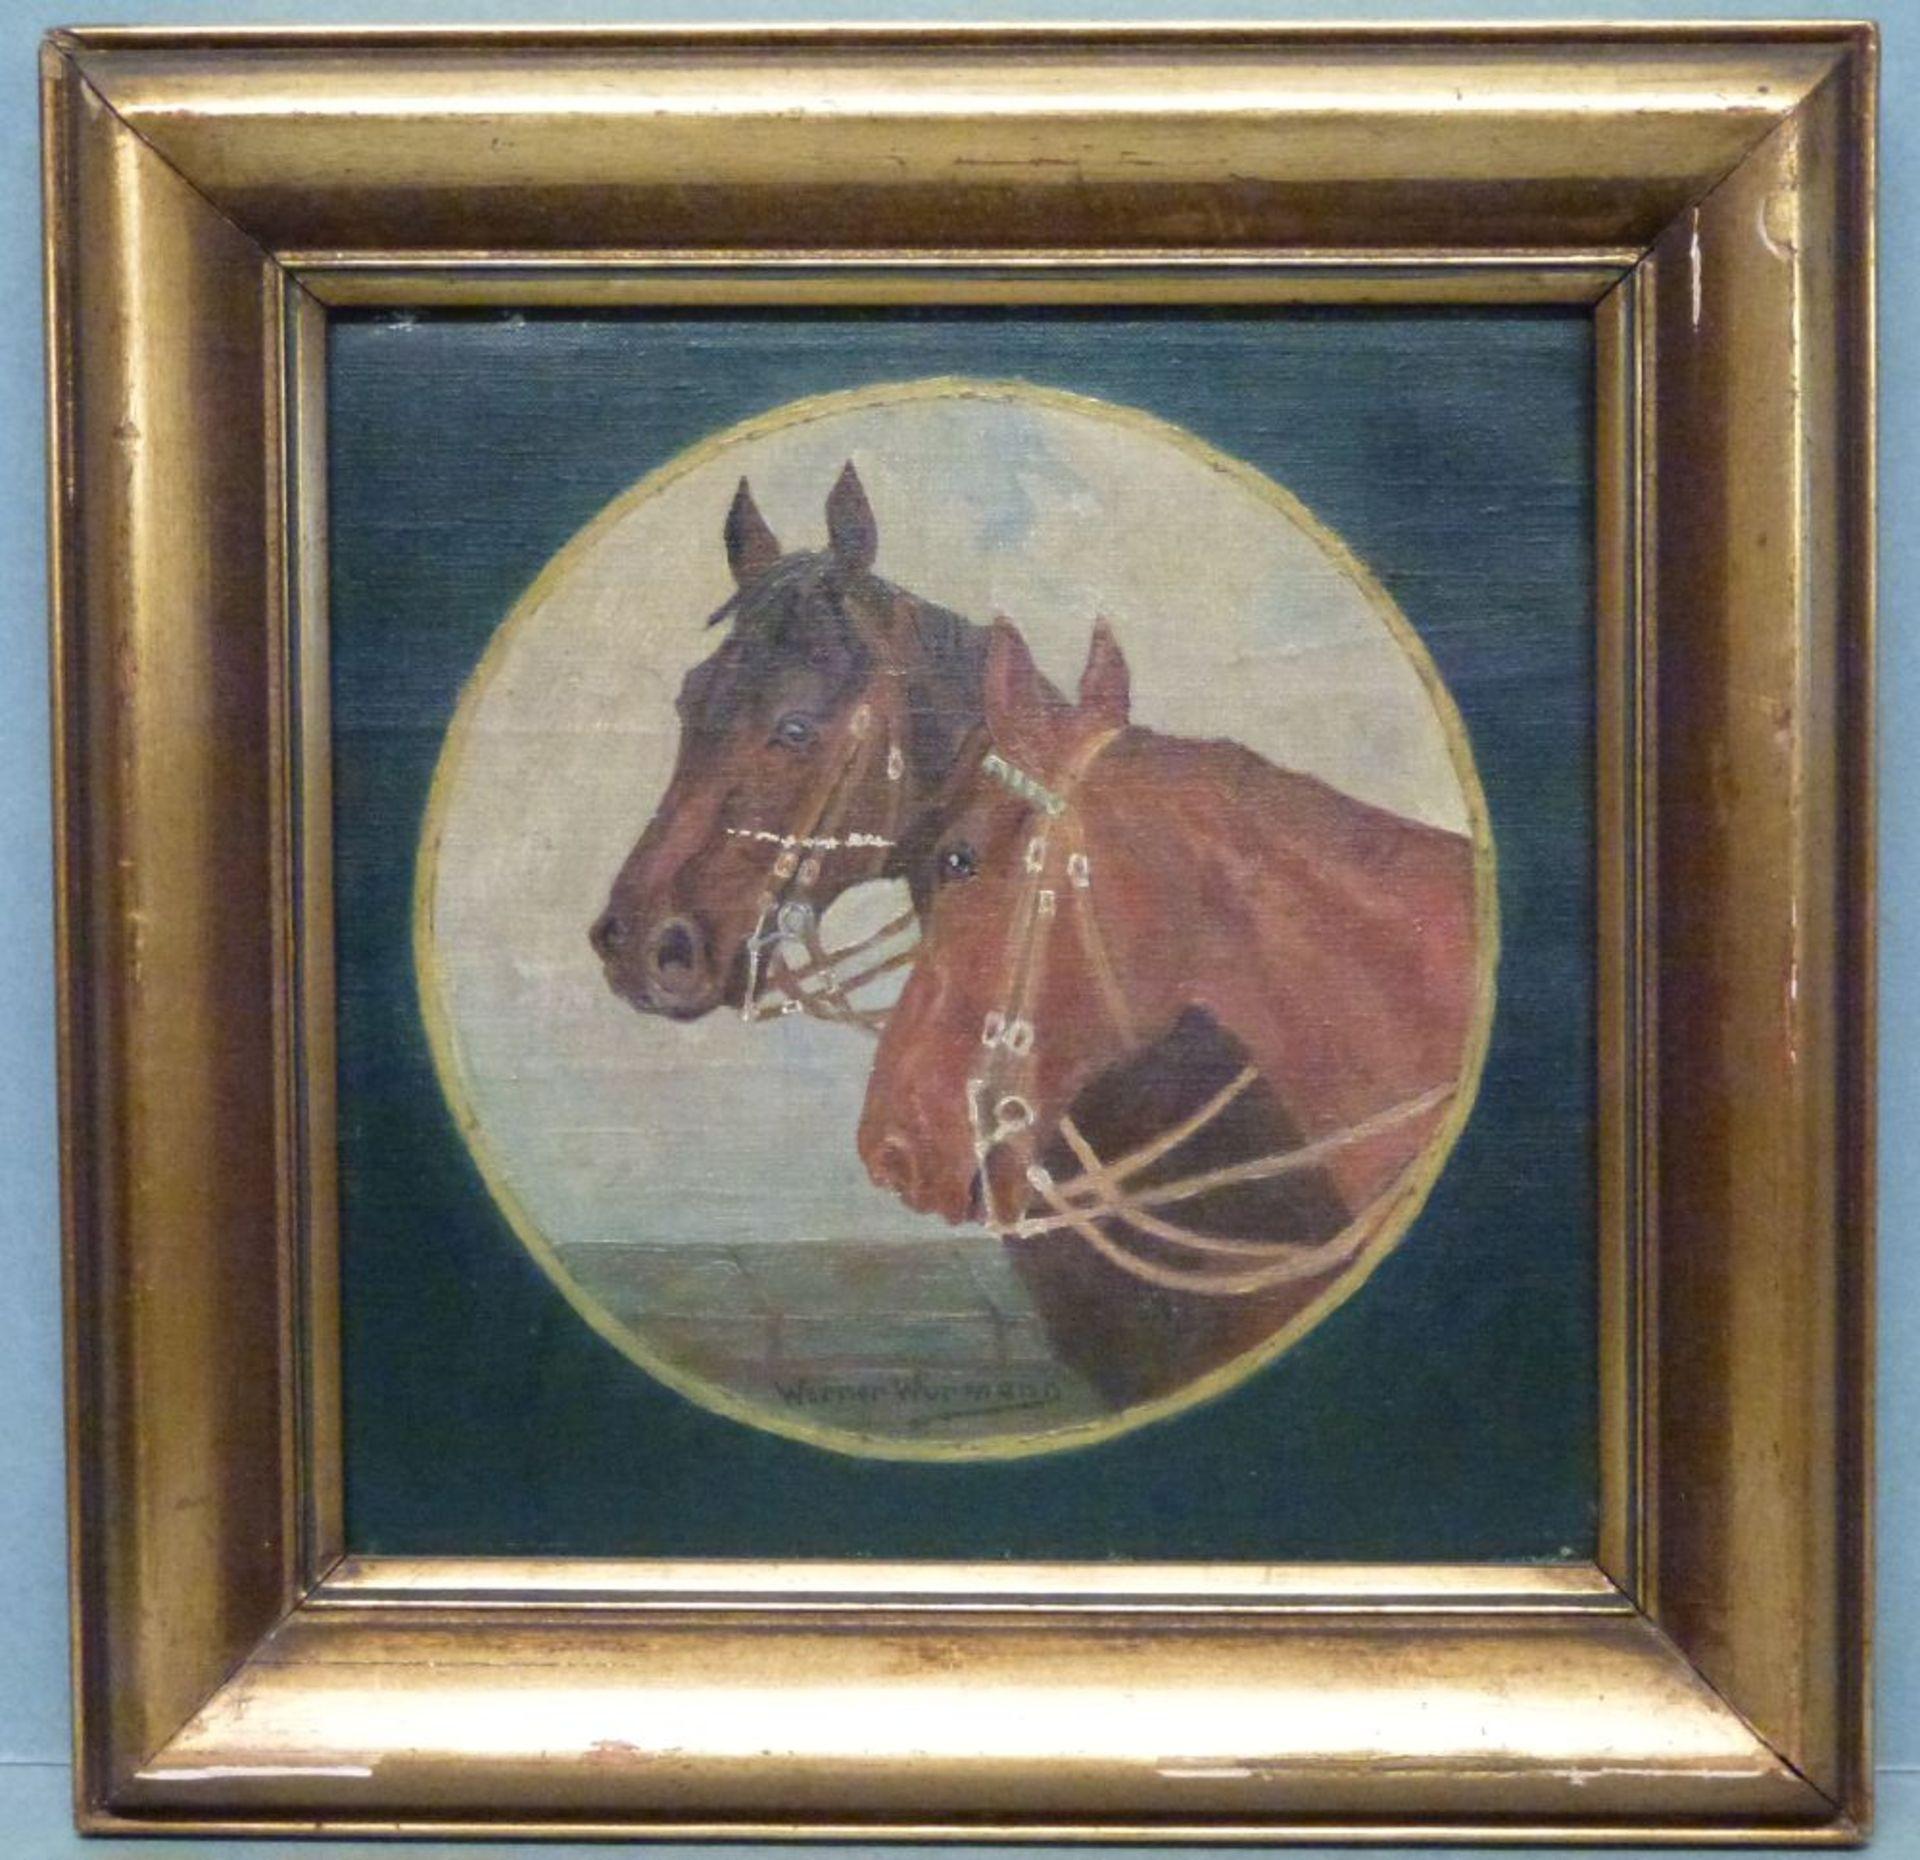 PferdeWerner WurmannÖl/Lw, sign., 2 Pferdeköpfe in Rund, 28x28 cm, R - Bild 2 aus 2